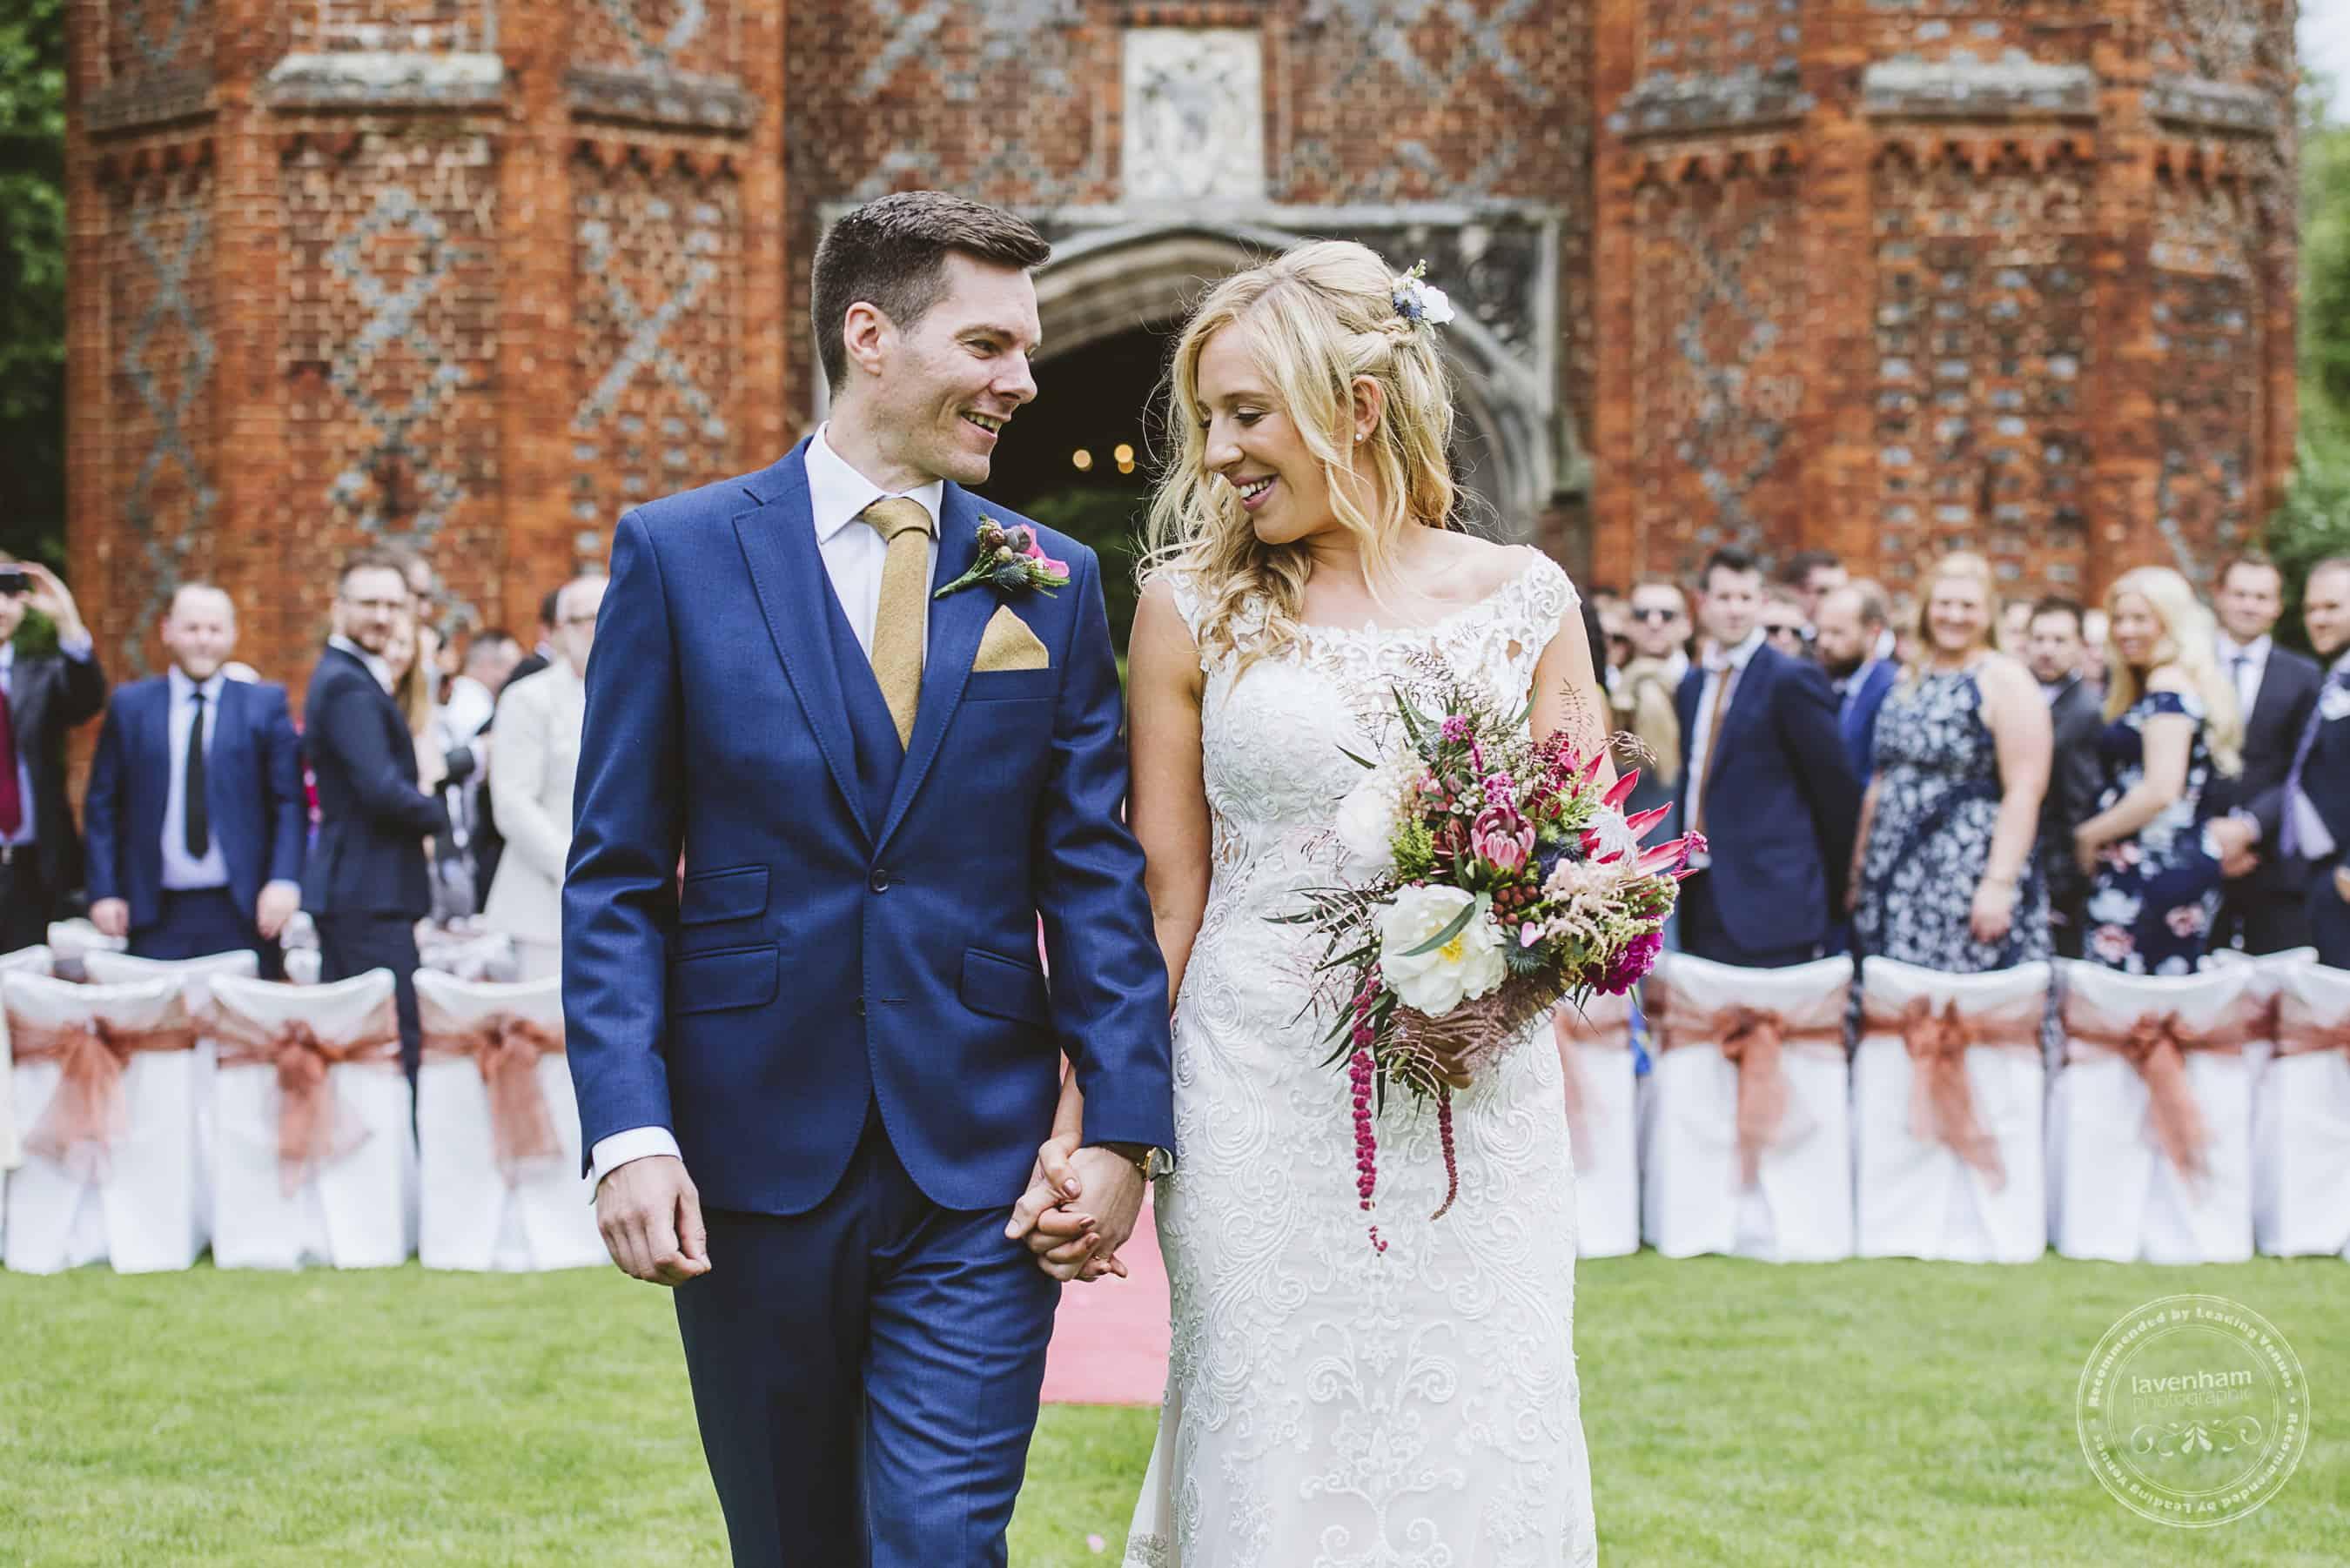 020618 Leez Priory Wedding Photography Lavenham Photographic 067